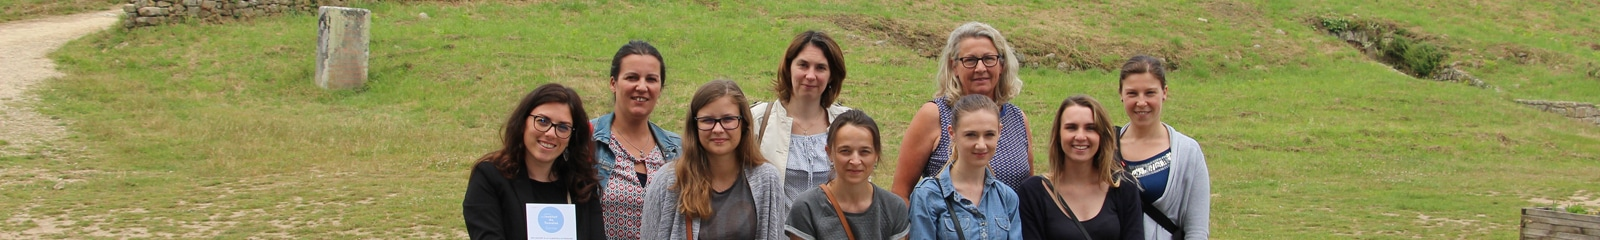 L'équipe de l'Office de tourisme de Carnac